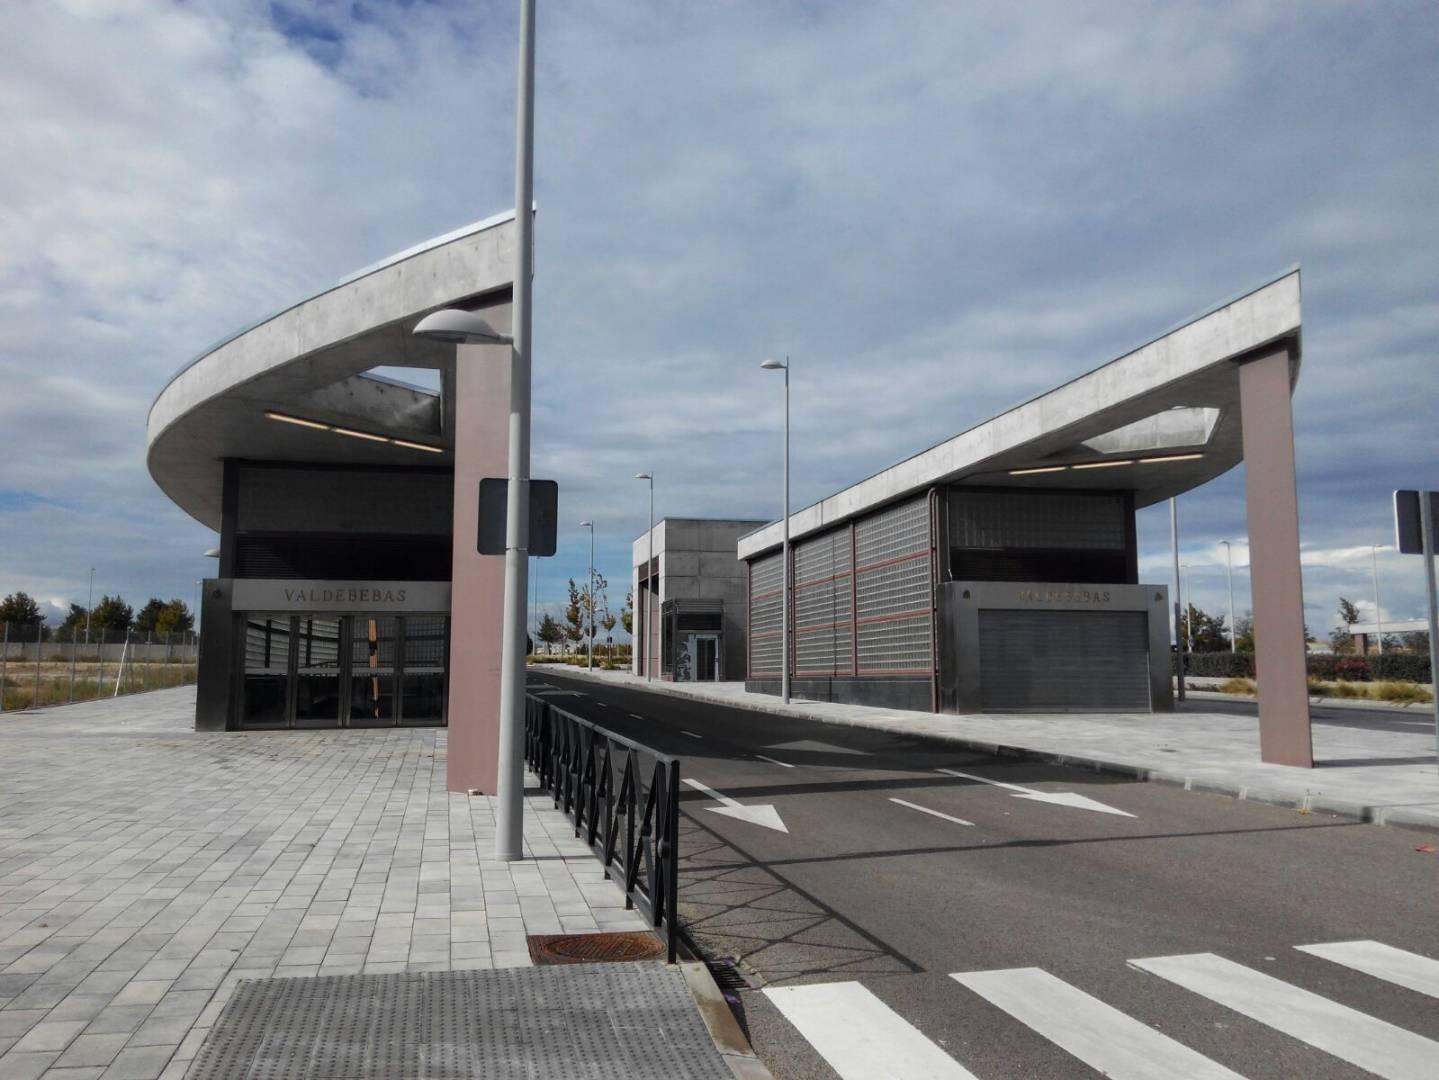 Parece que, finalmente, la estación de Valdebebas entrará en servicio, aunque no tendrá acto de inauguración oficial. Foto: El Intercambiador.